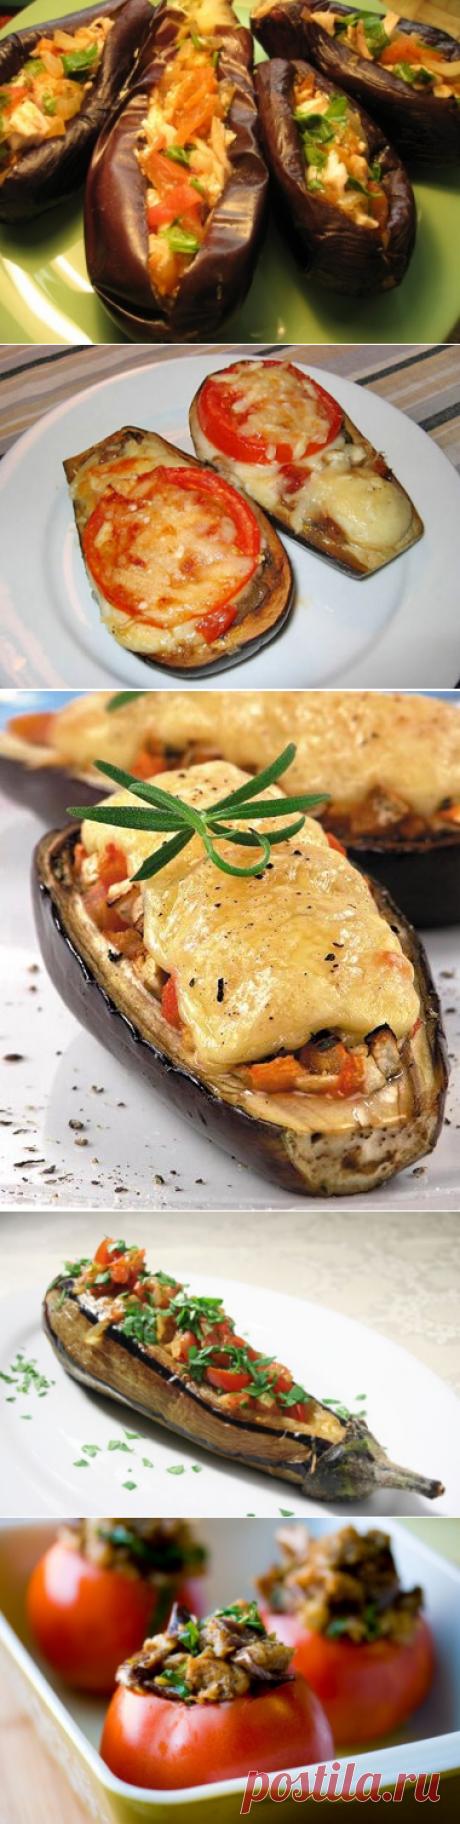 Баклажаны фаршированные по корейски фото приготовления - кулинарный рецепт с фото по шагам